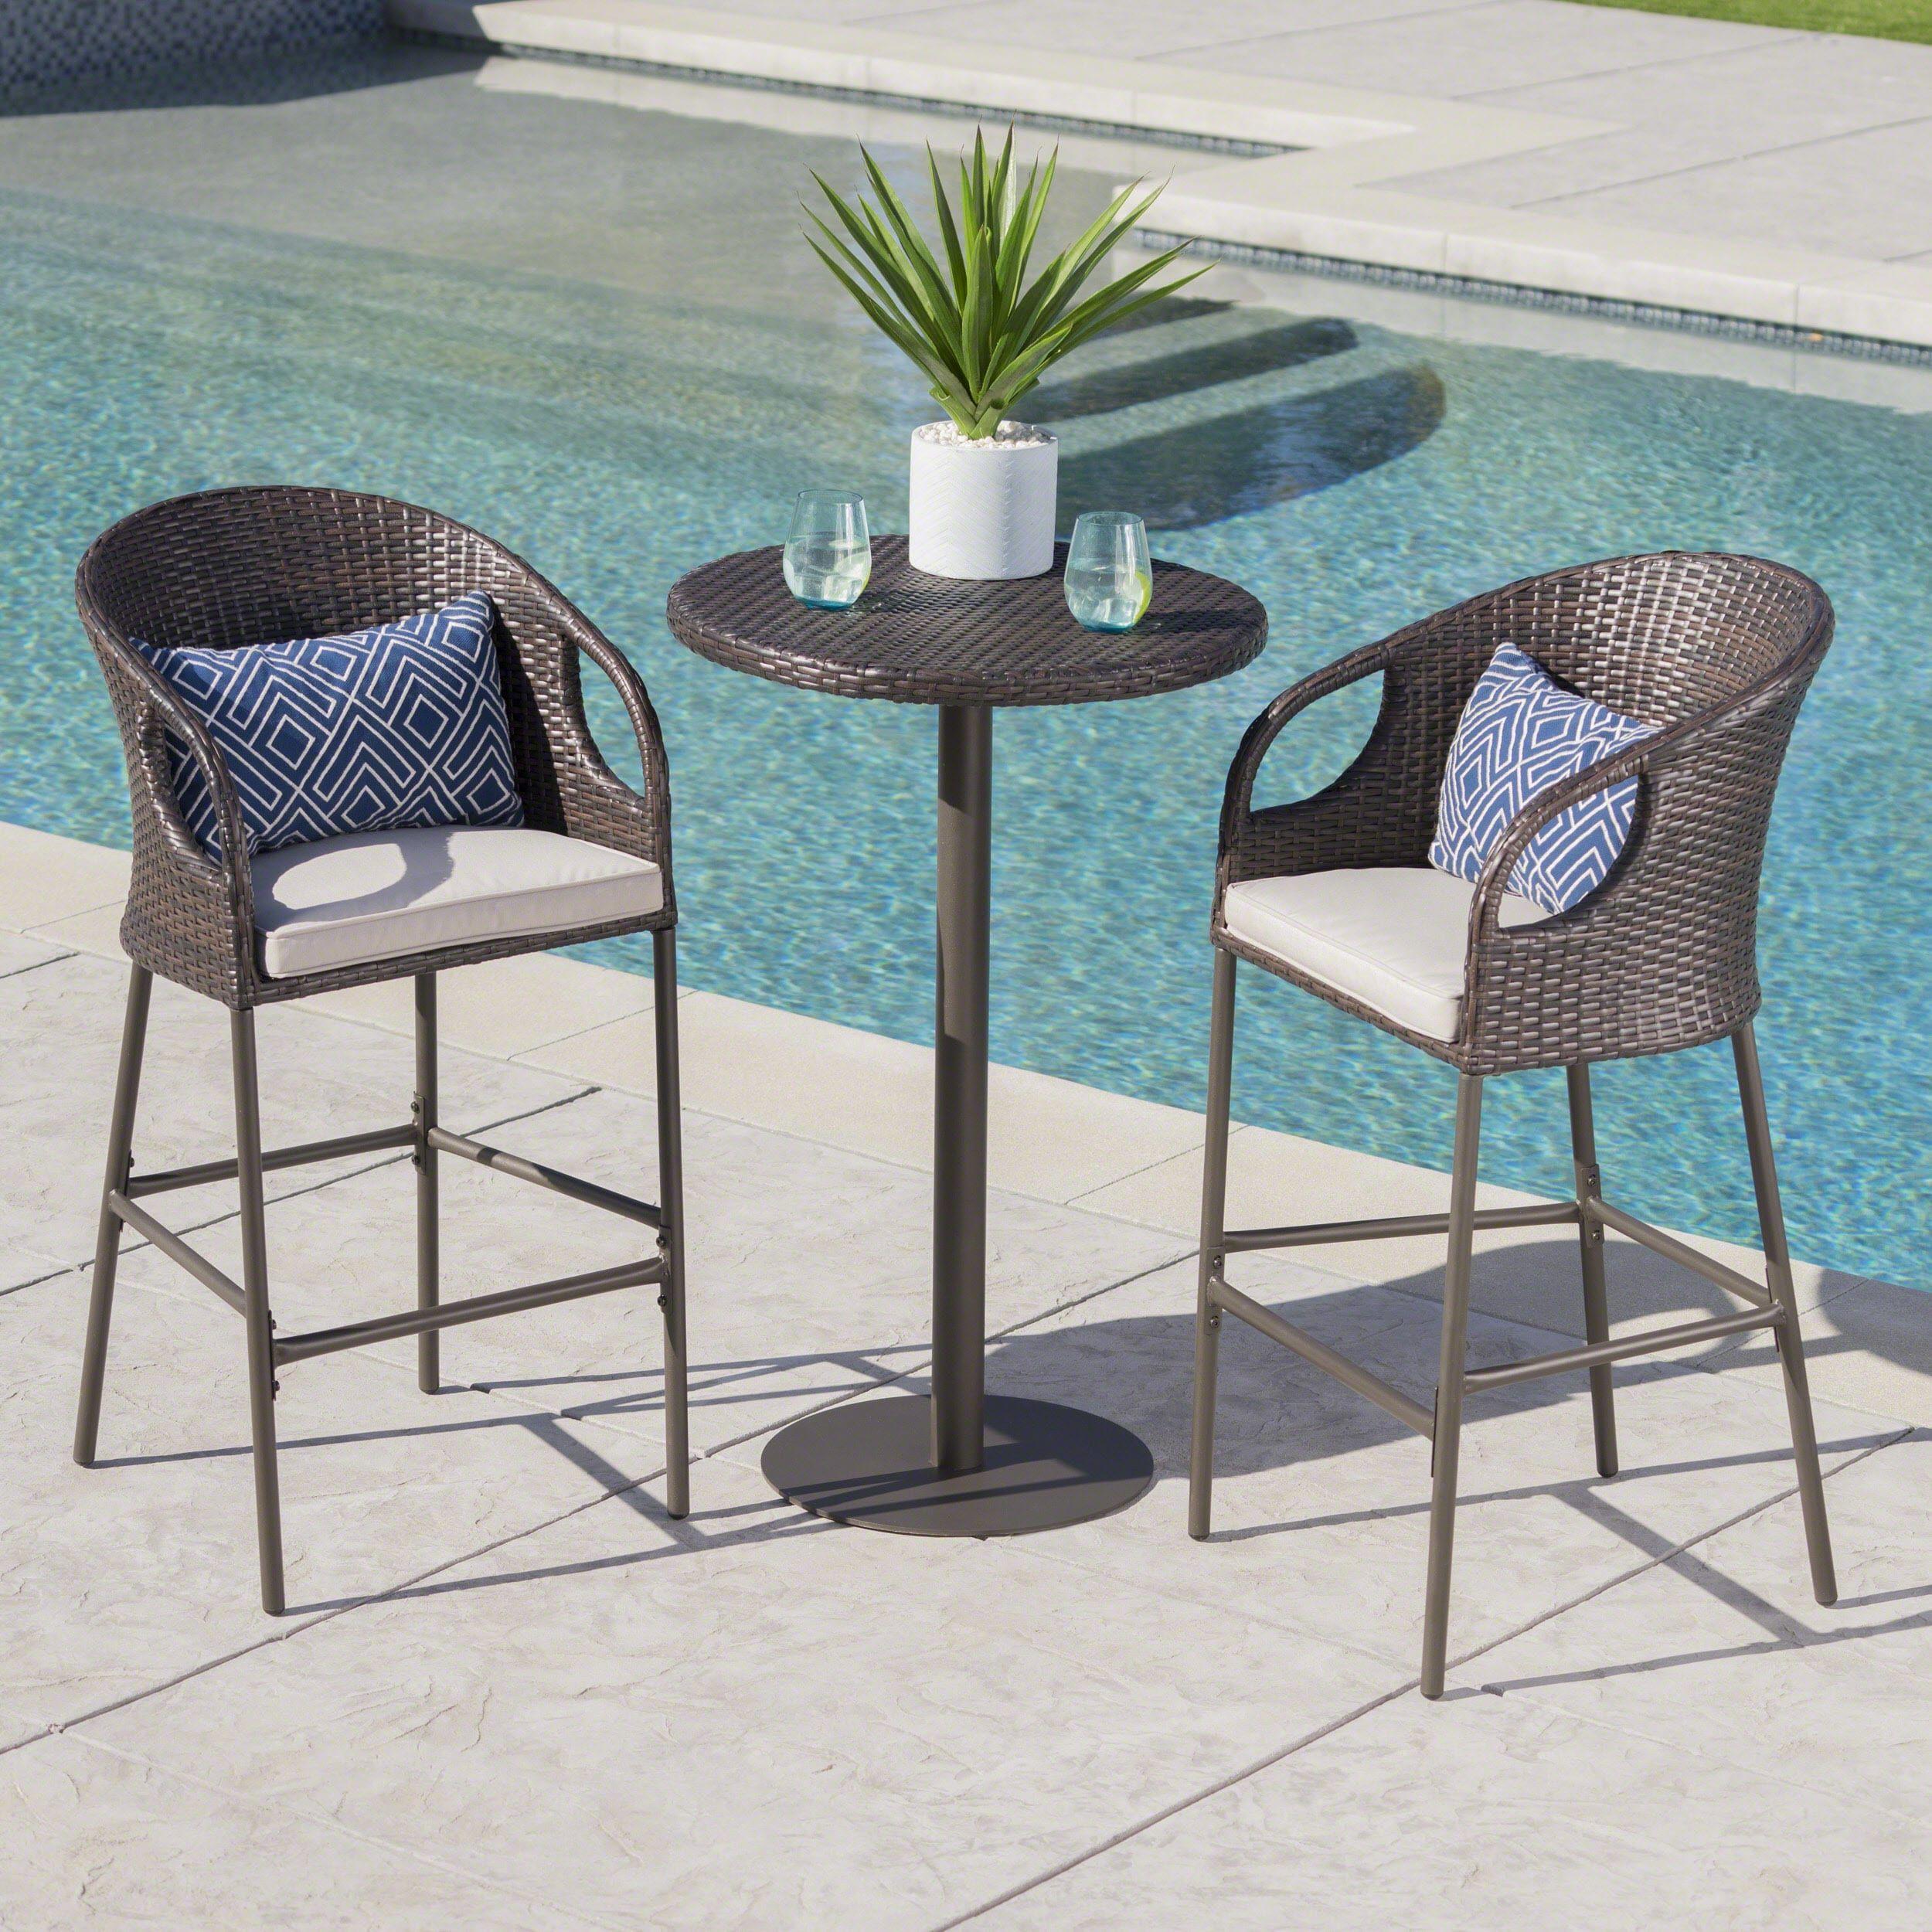 indoor set living df piece sectional patio outdoor aldrich handy pin furniture grey